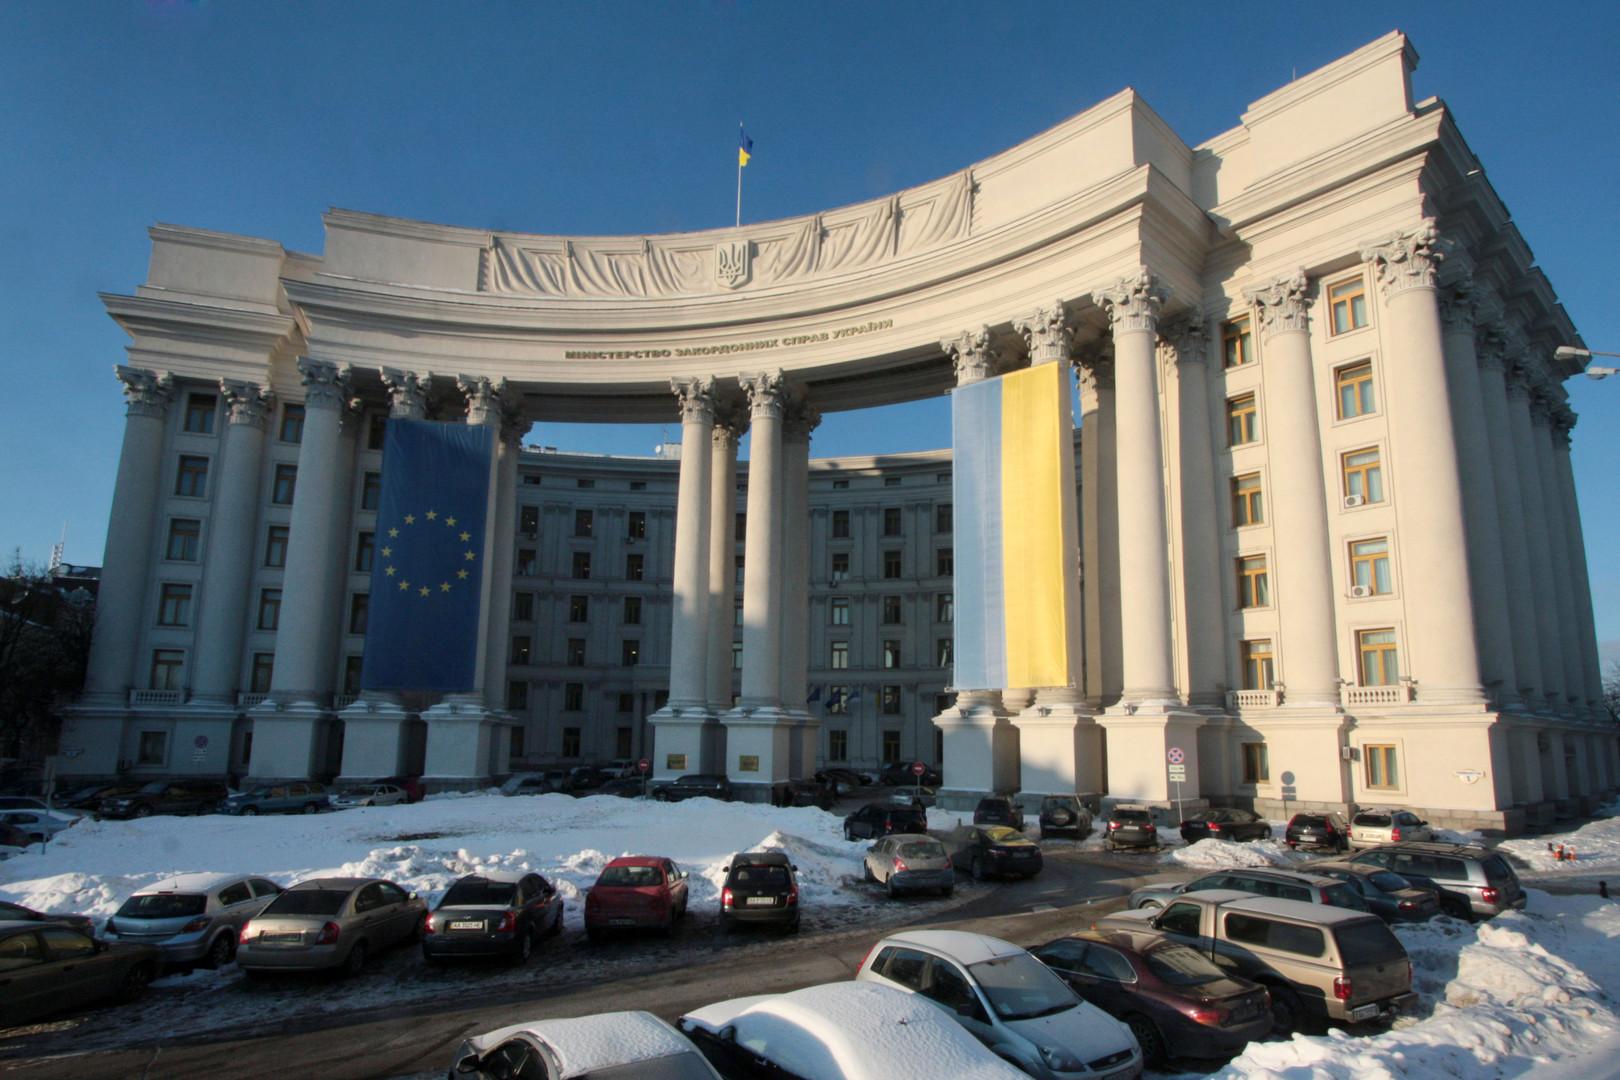 Украина заявила, что вопрос о новом после России в стране «снят с повестки дня»